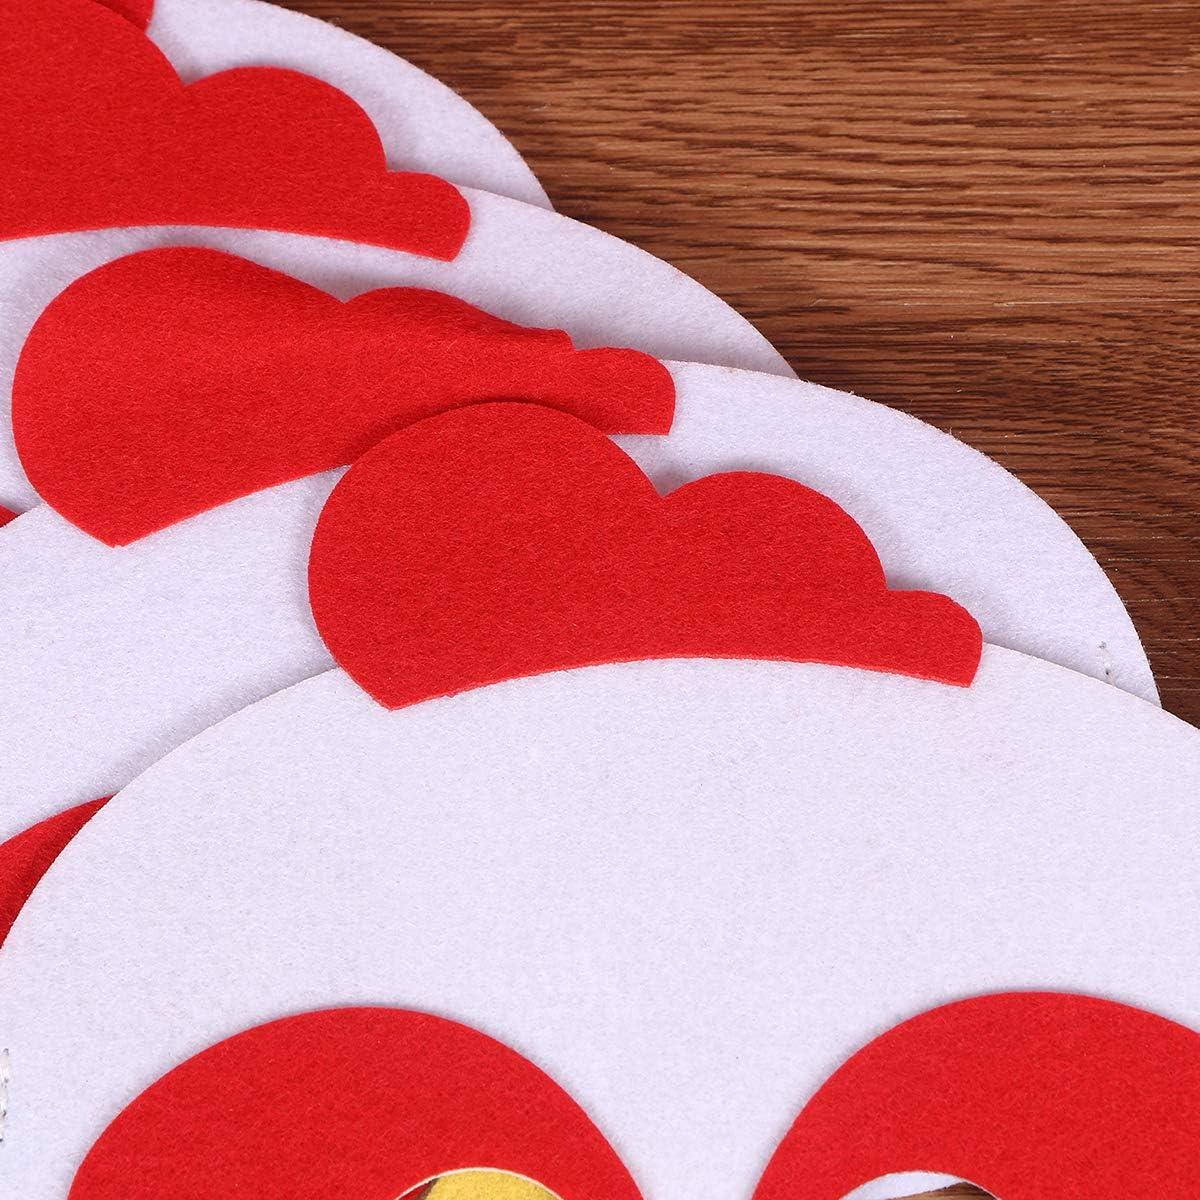 TENDYCOCO 4pcs Non-tiss/és Tissus Masques Fantaisie Accessoires d/écoratifs de Performance pour Enfants Parents-Enfant Campagne Bande dessin/ée Accessoires de Poule